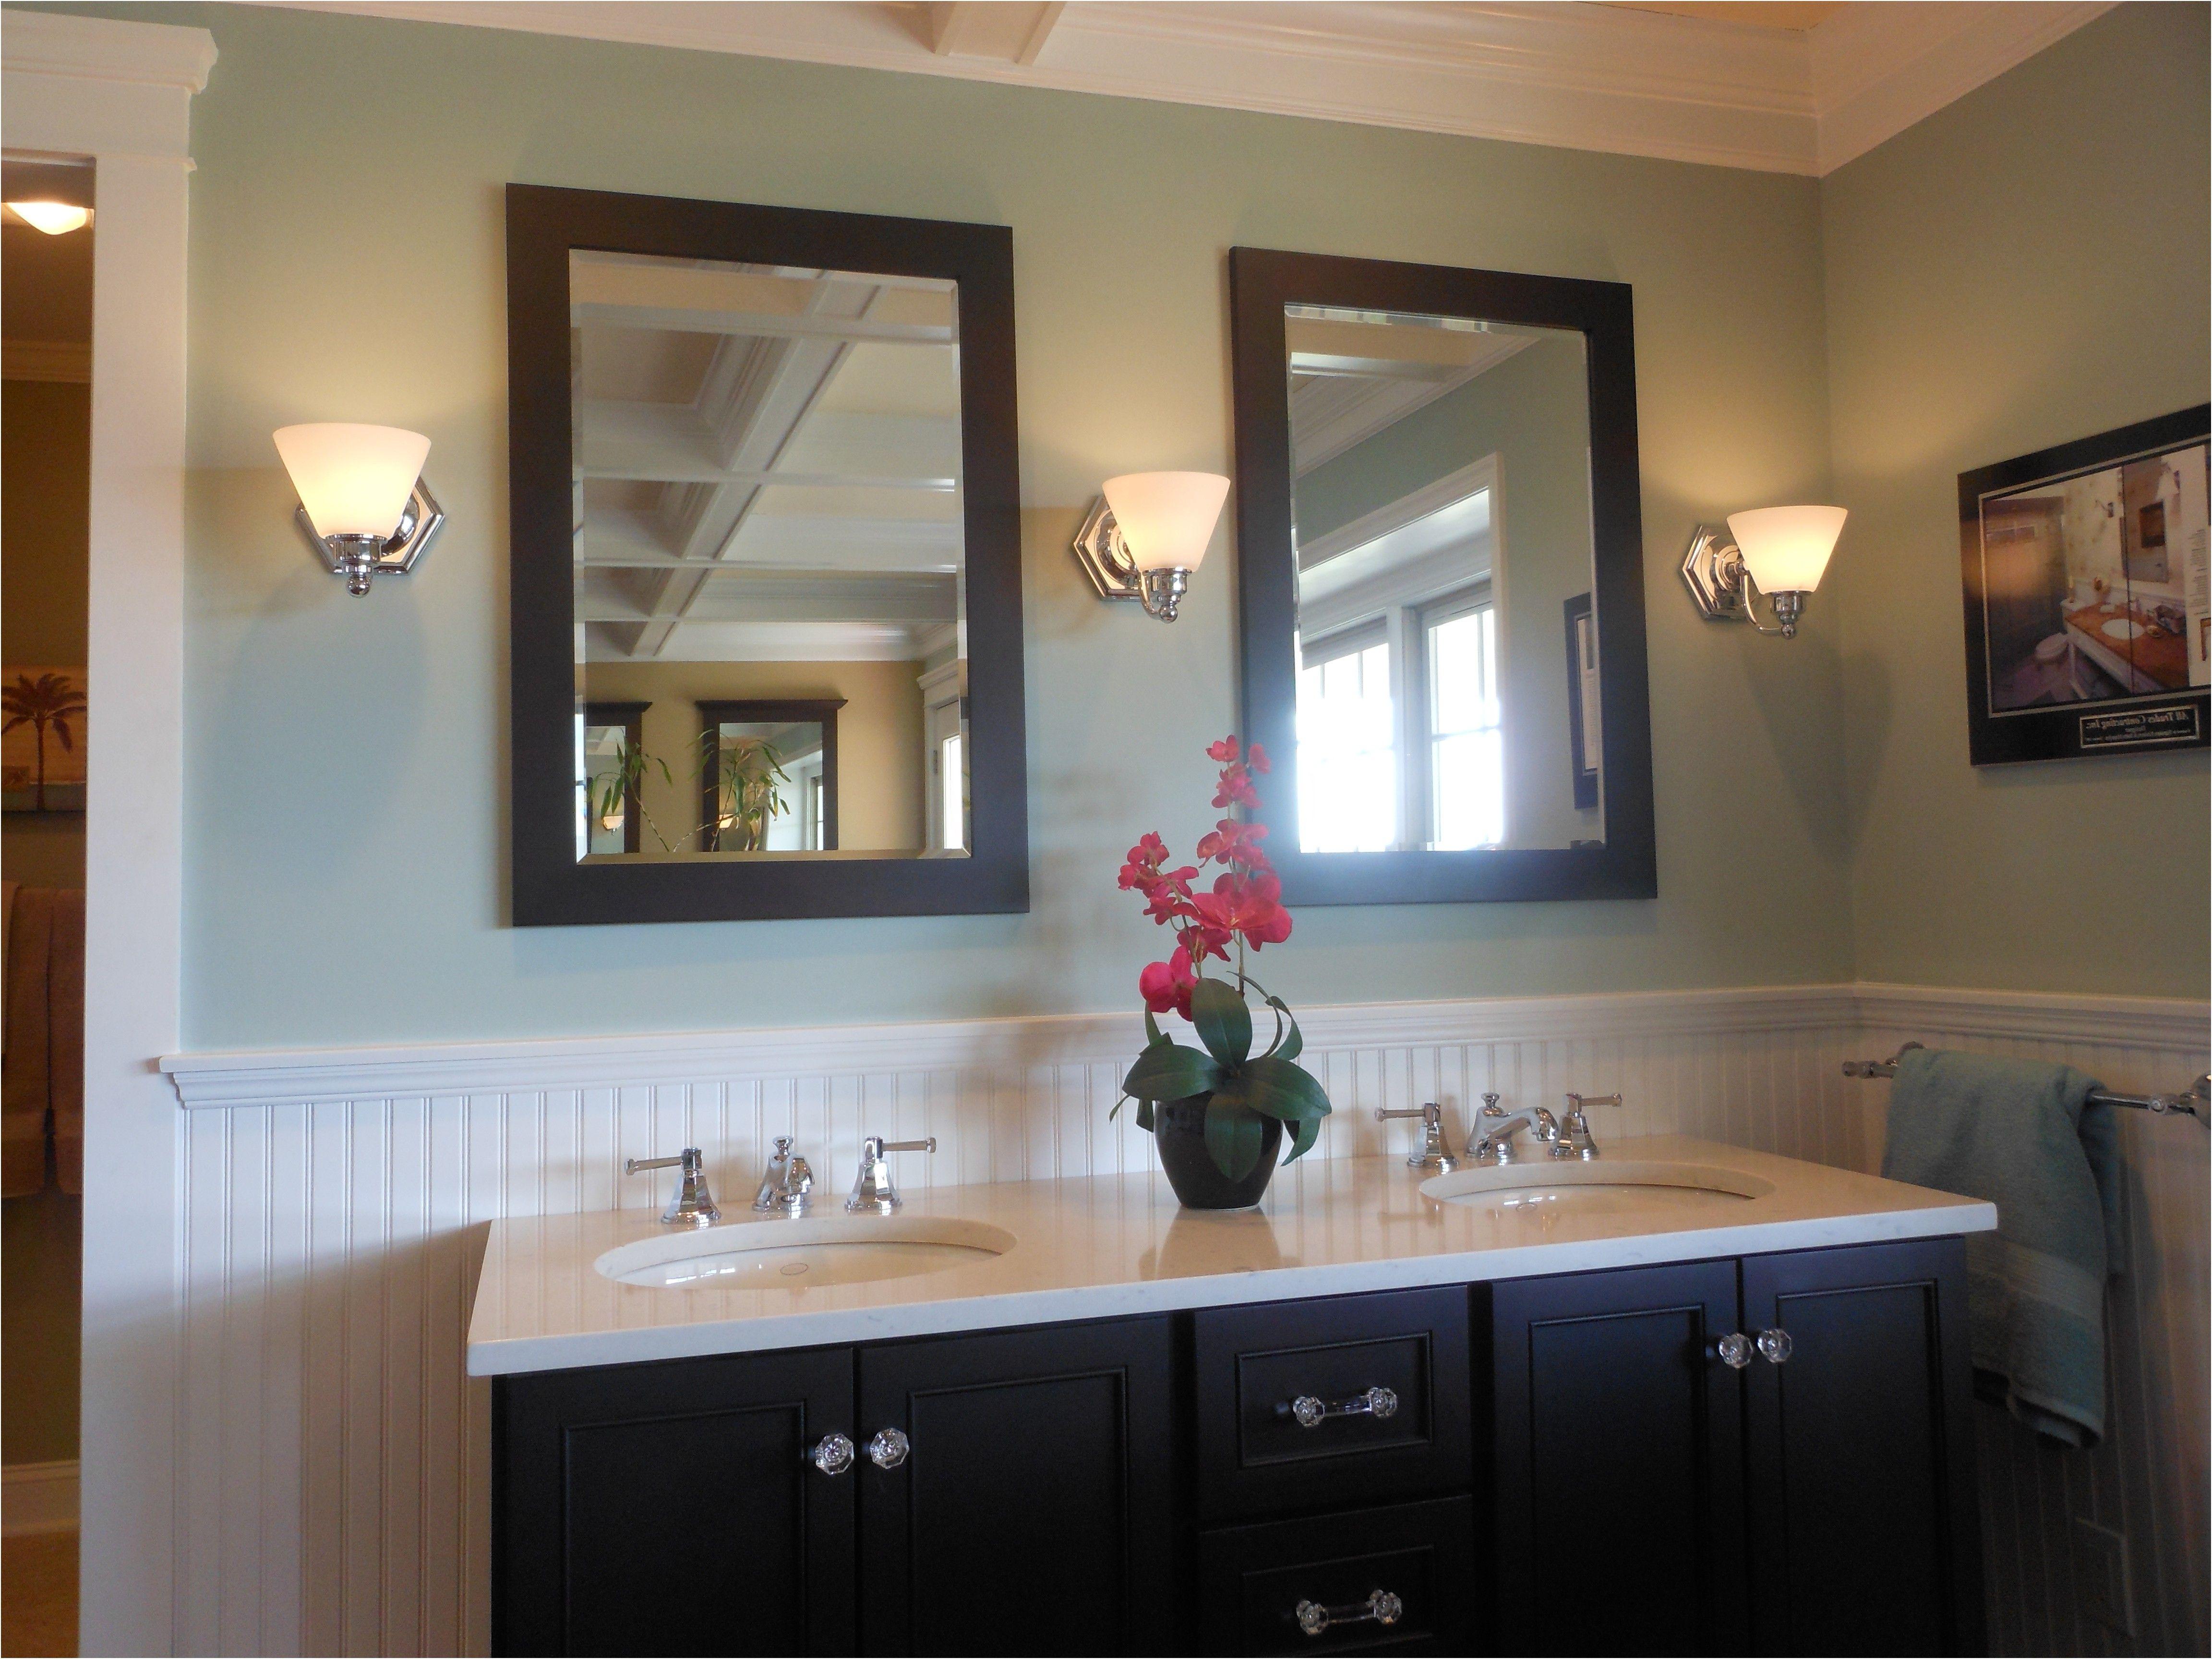 sherwin williams quietude bath walls master bedroom